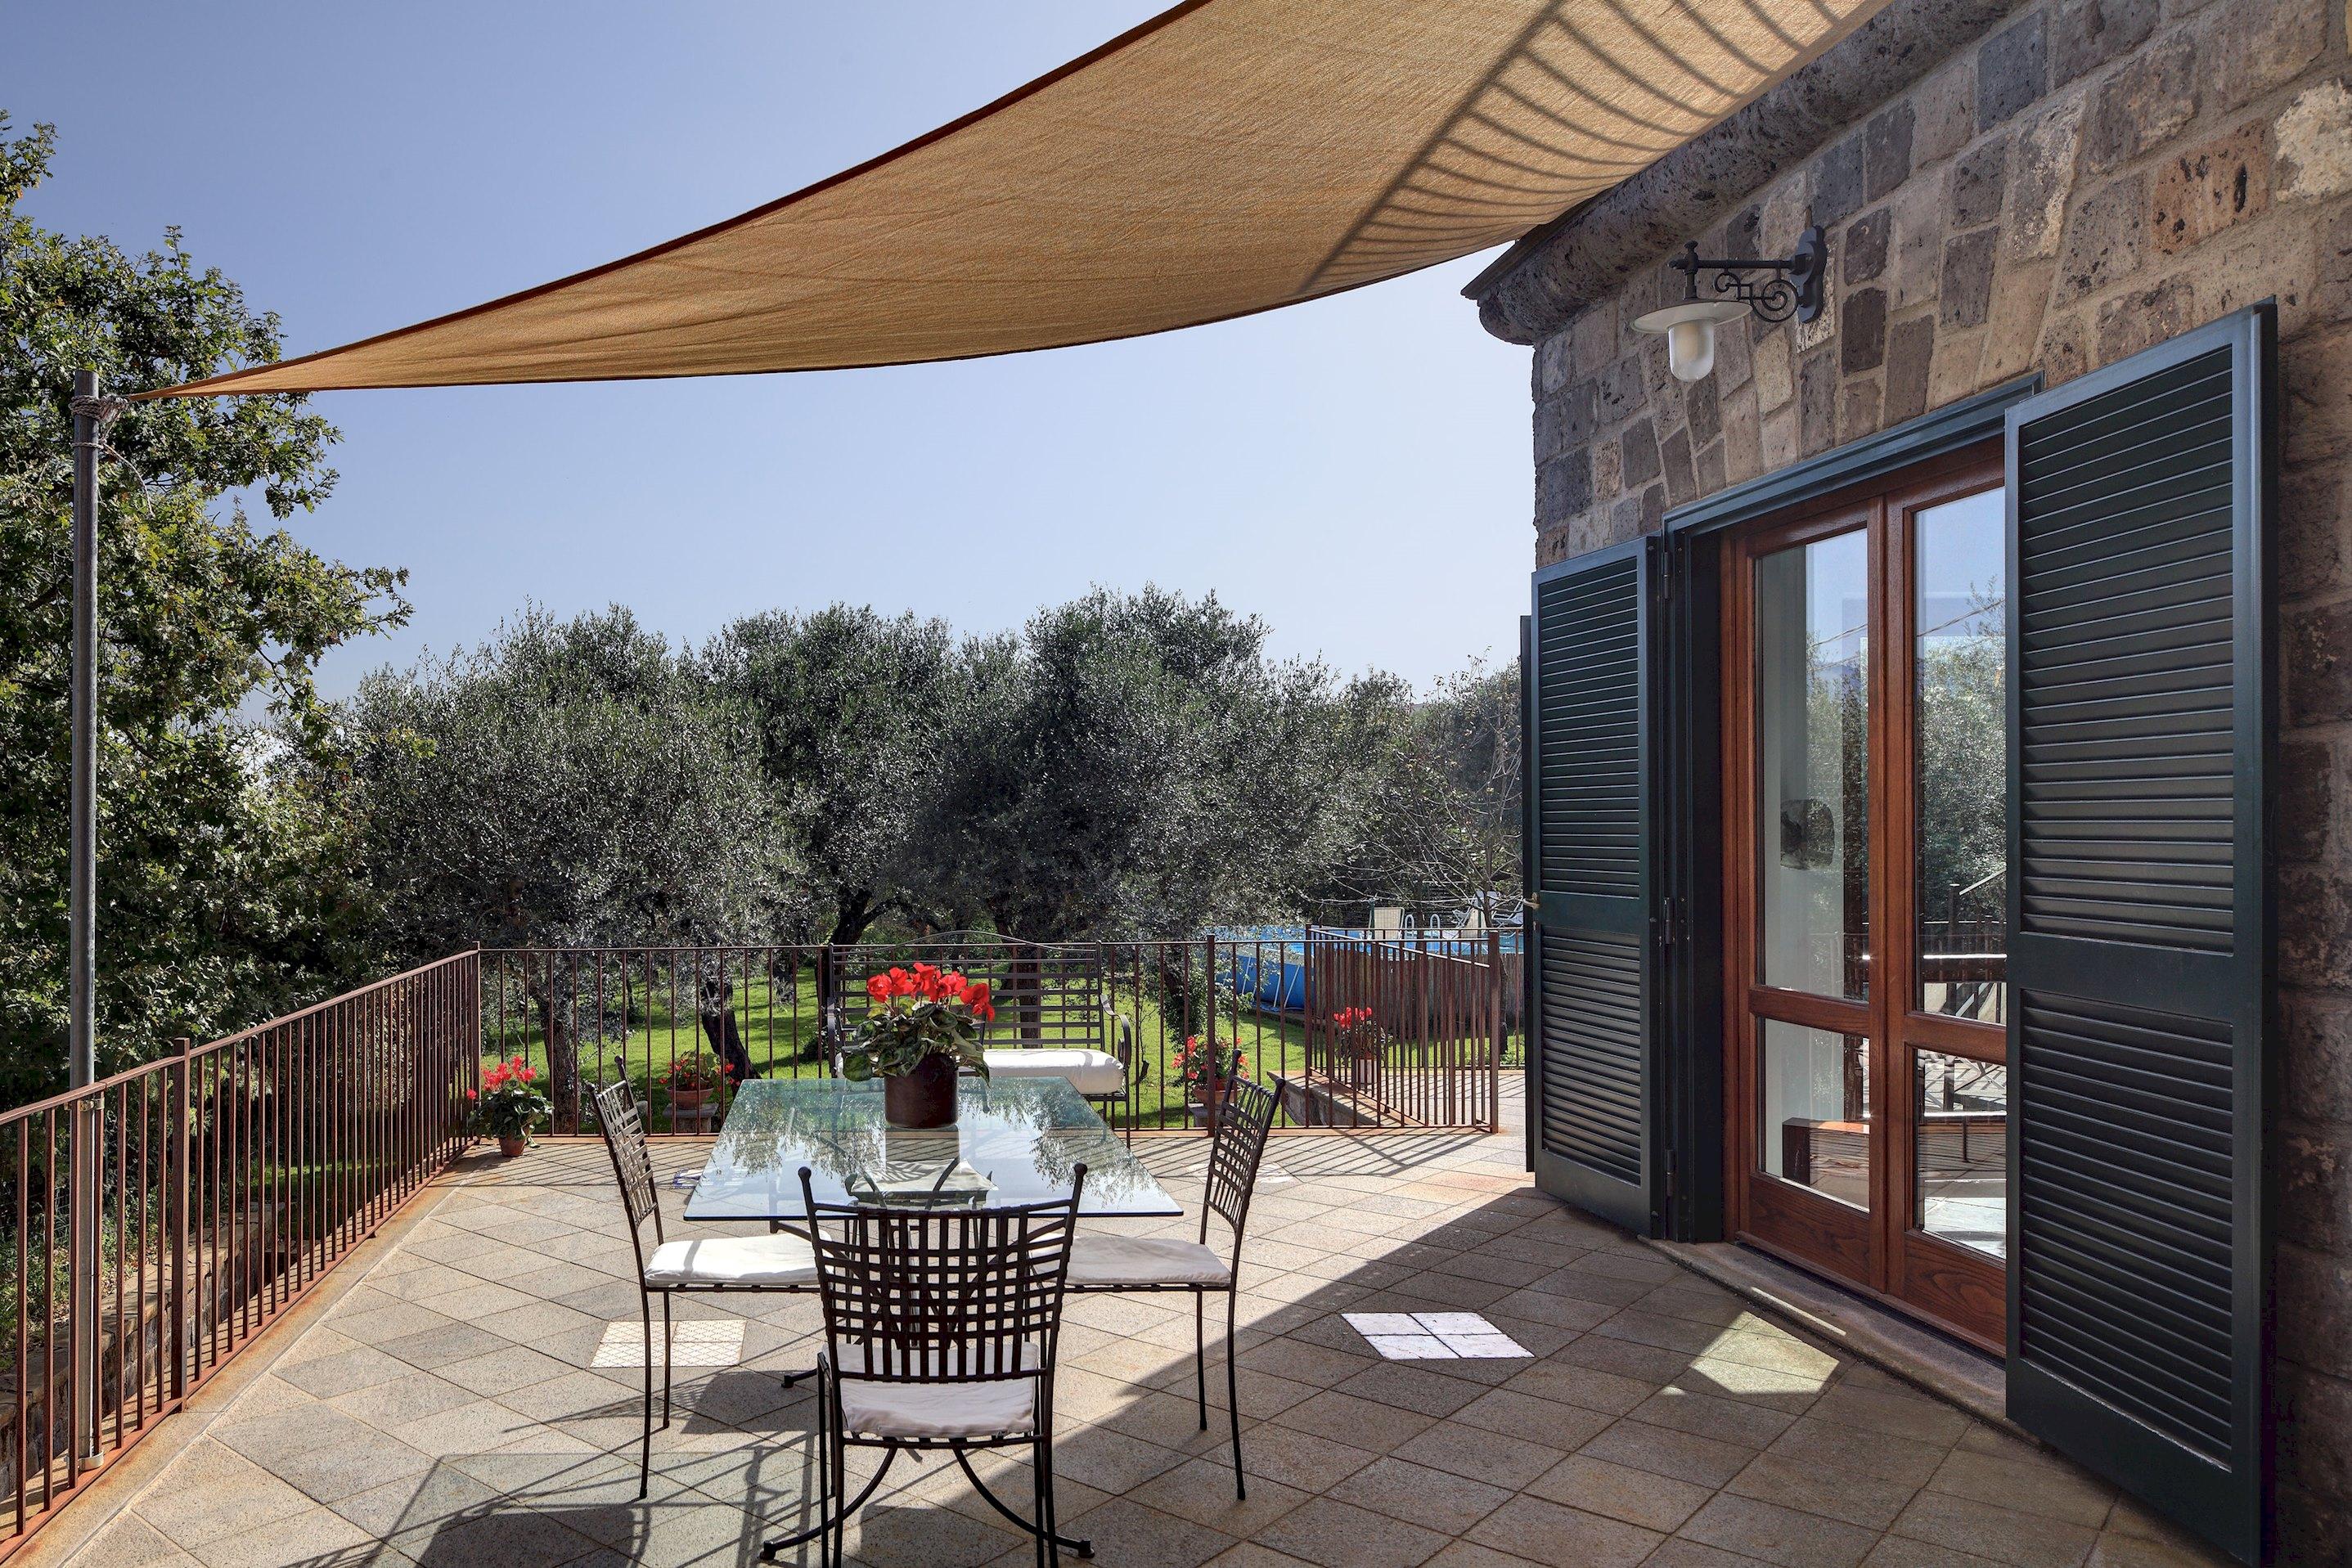 Apartment Villa Vesuvio - Luxury and Beauty photo 25033400